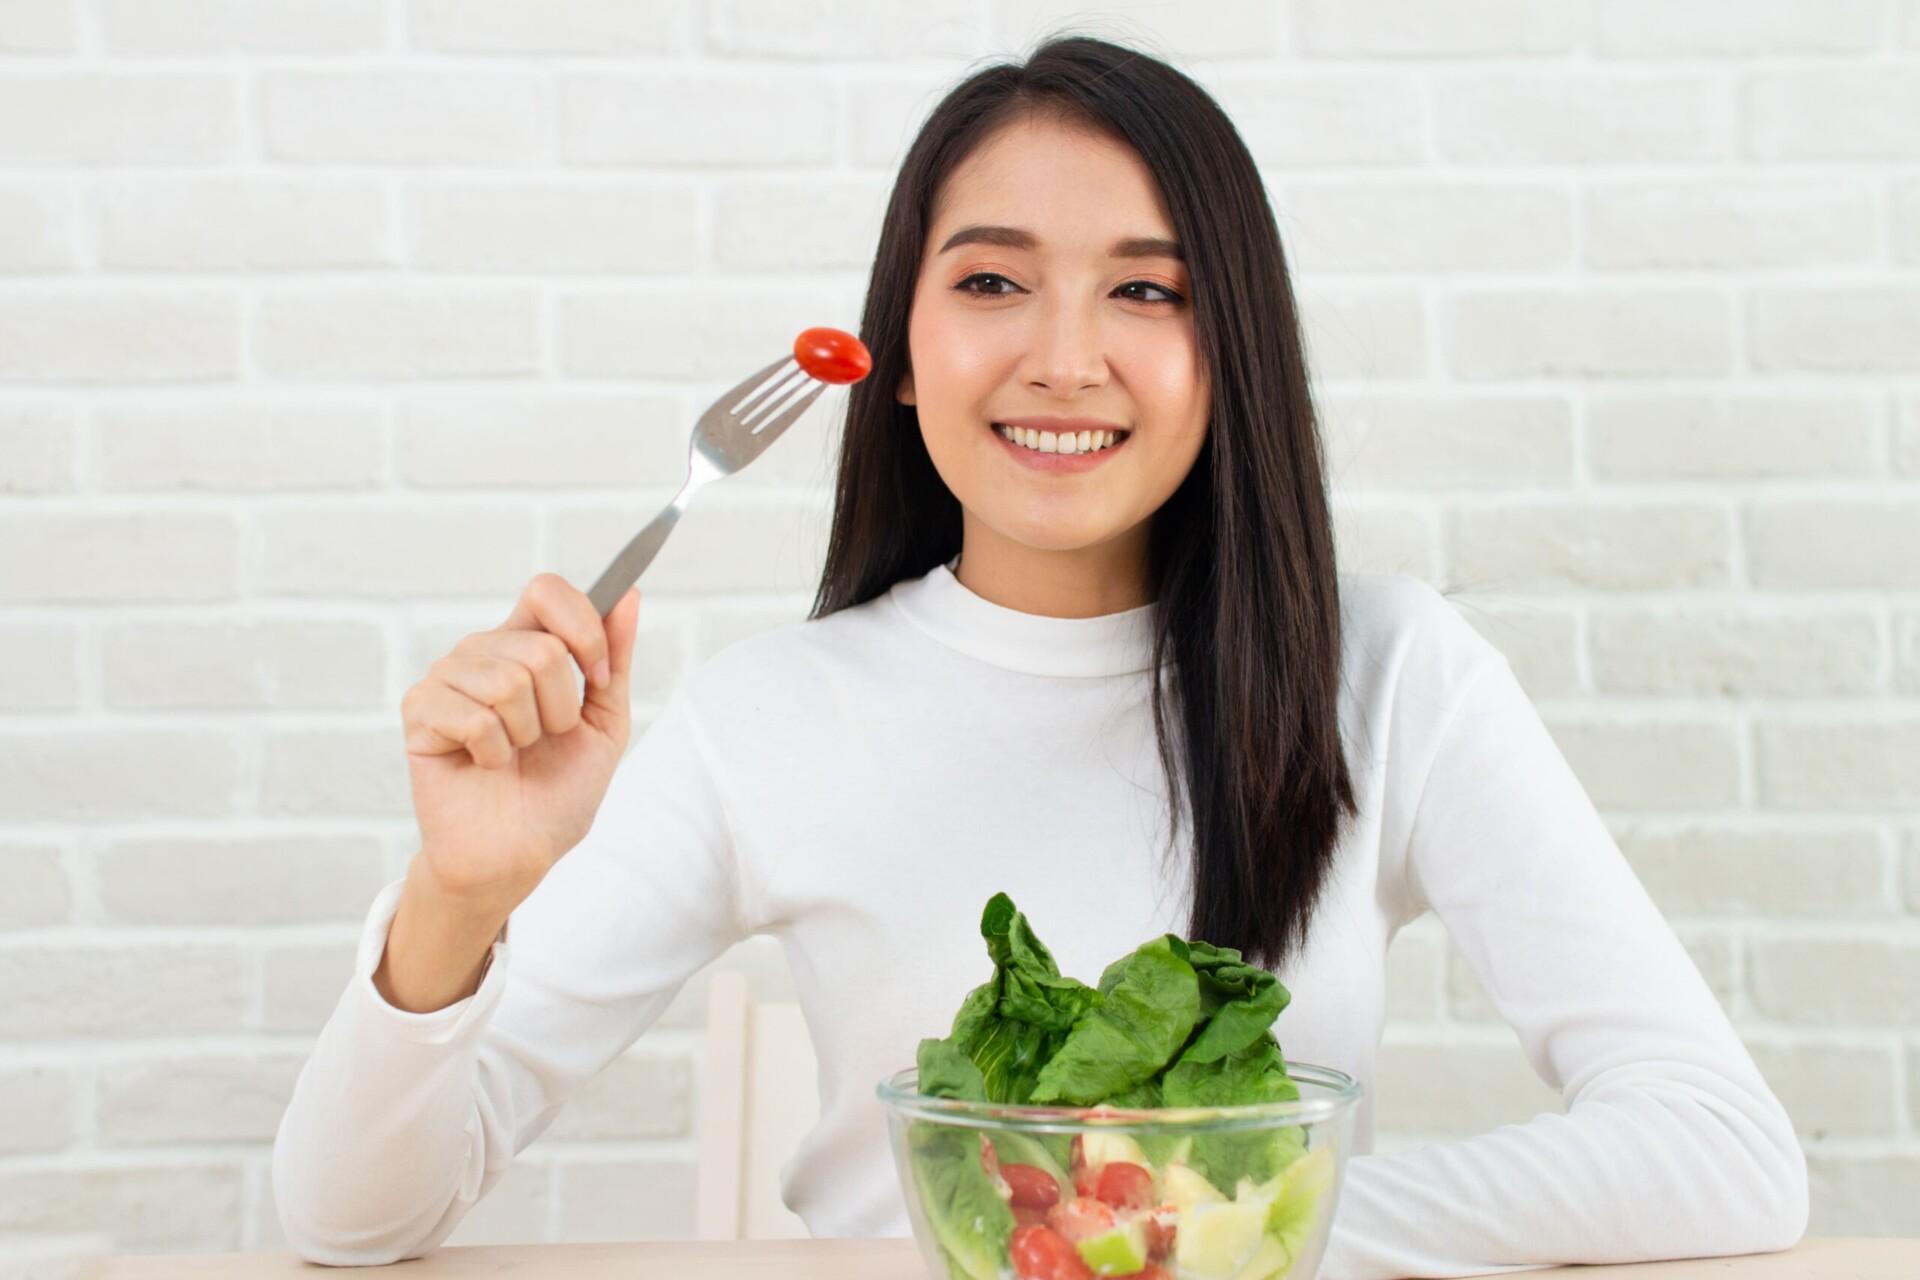 女性がトマトを食べようとしている写真